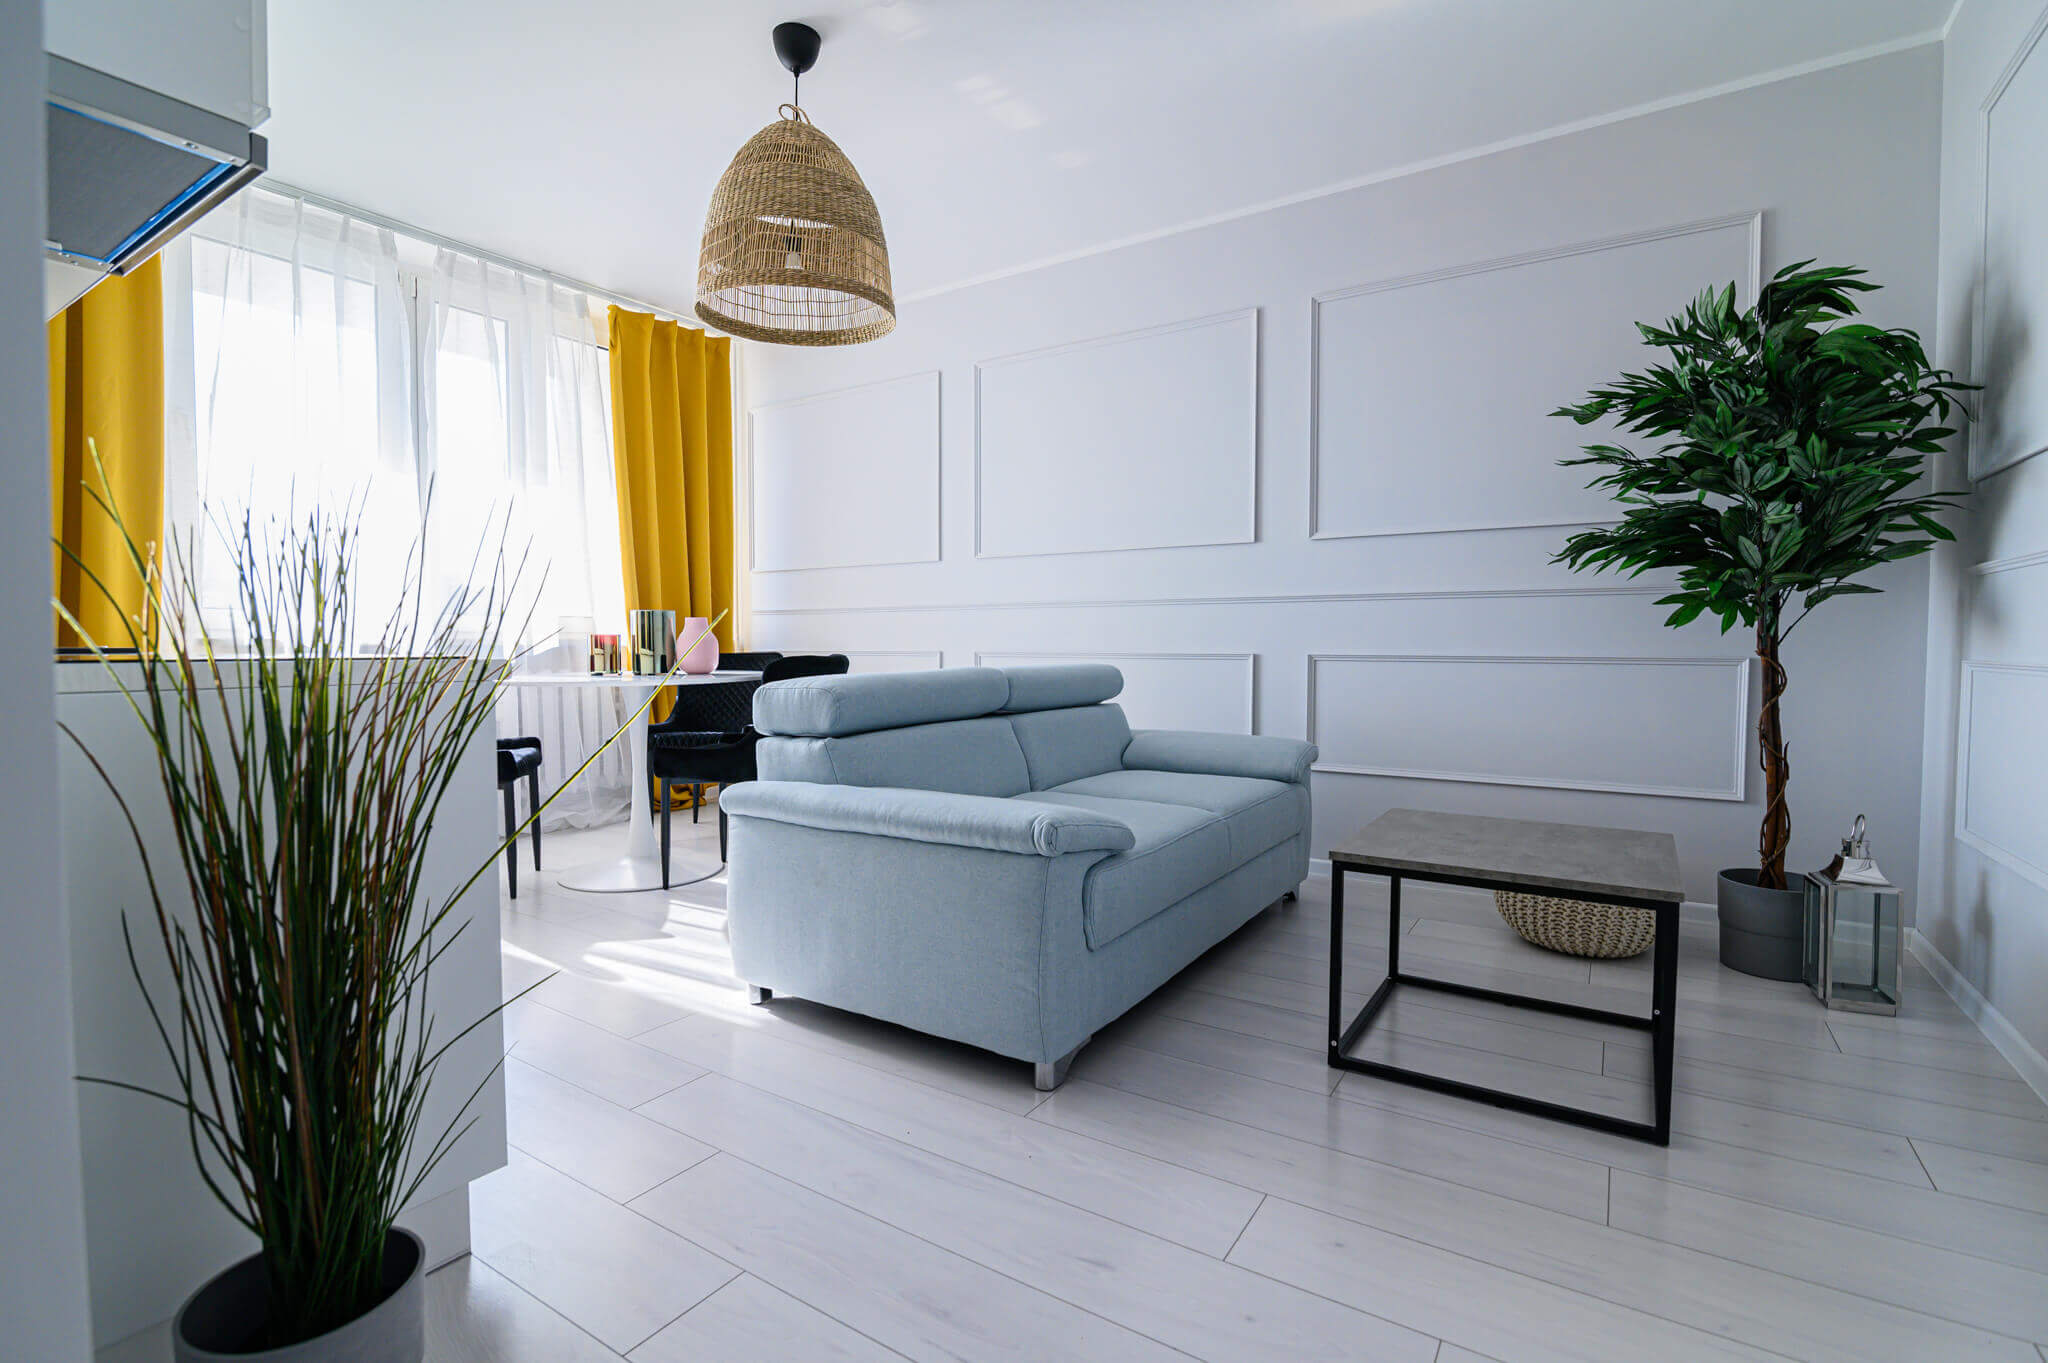 Home Designers - Mieszkanie os rusa 11/120 po remoncie